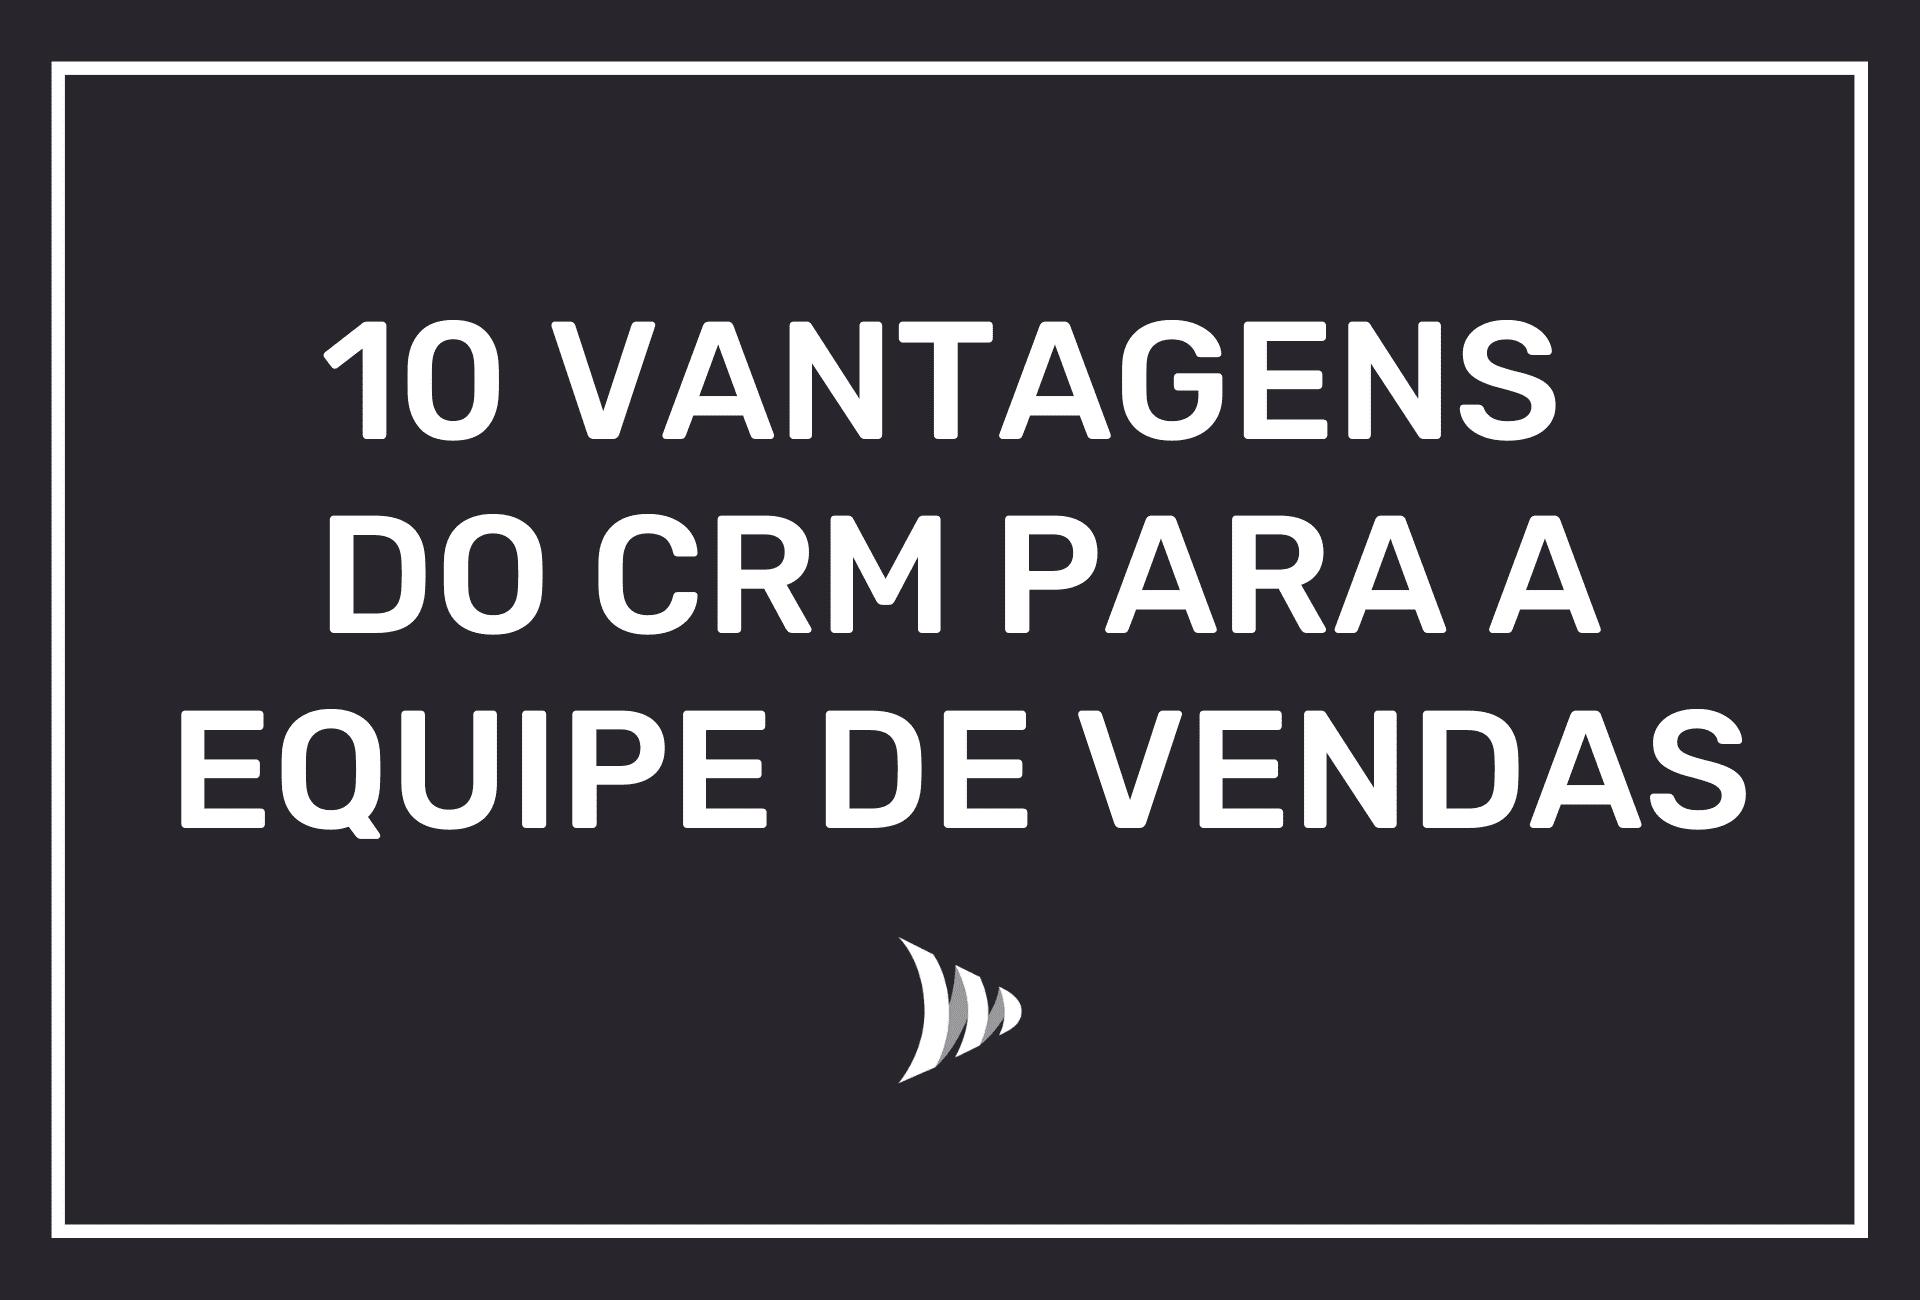 Vantagens do CRM para a equipe de vendas